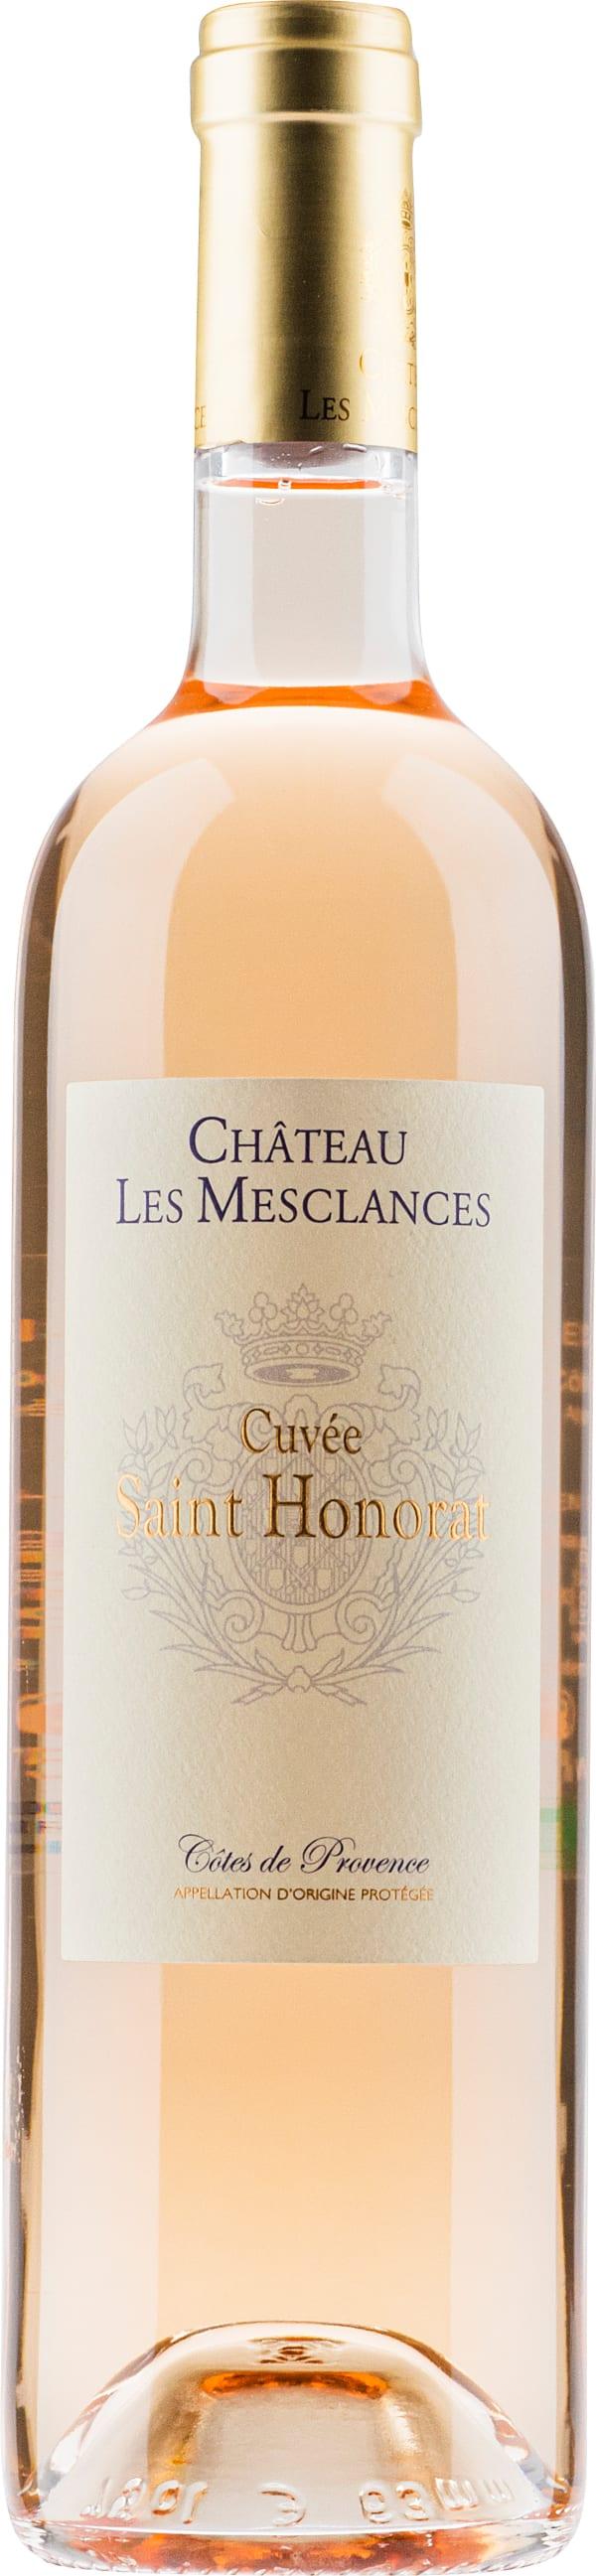 Château Les Mesclances Cuvée Saint Honorat 2020